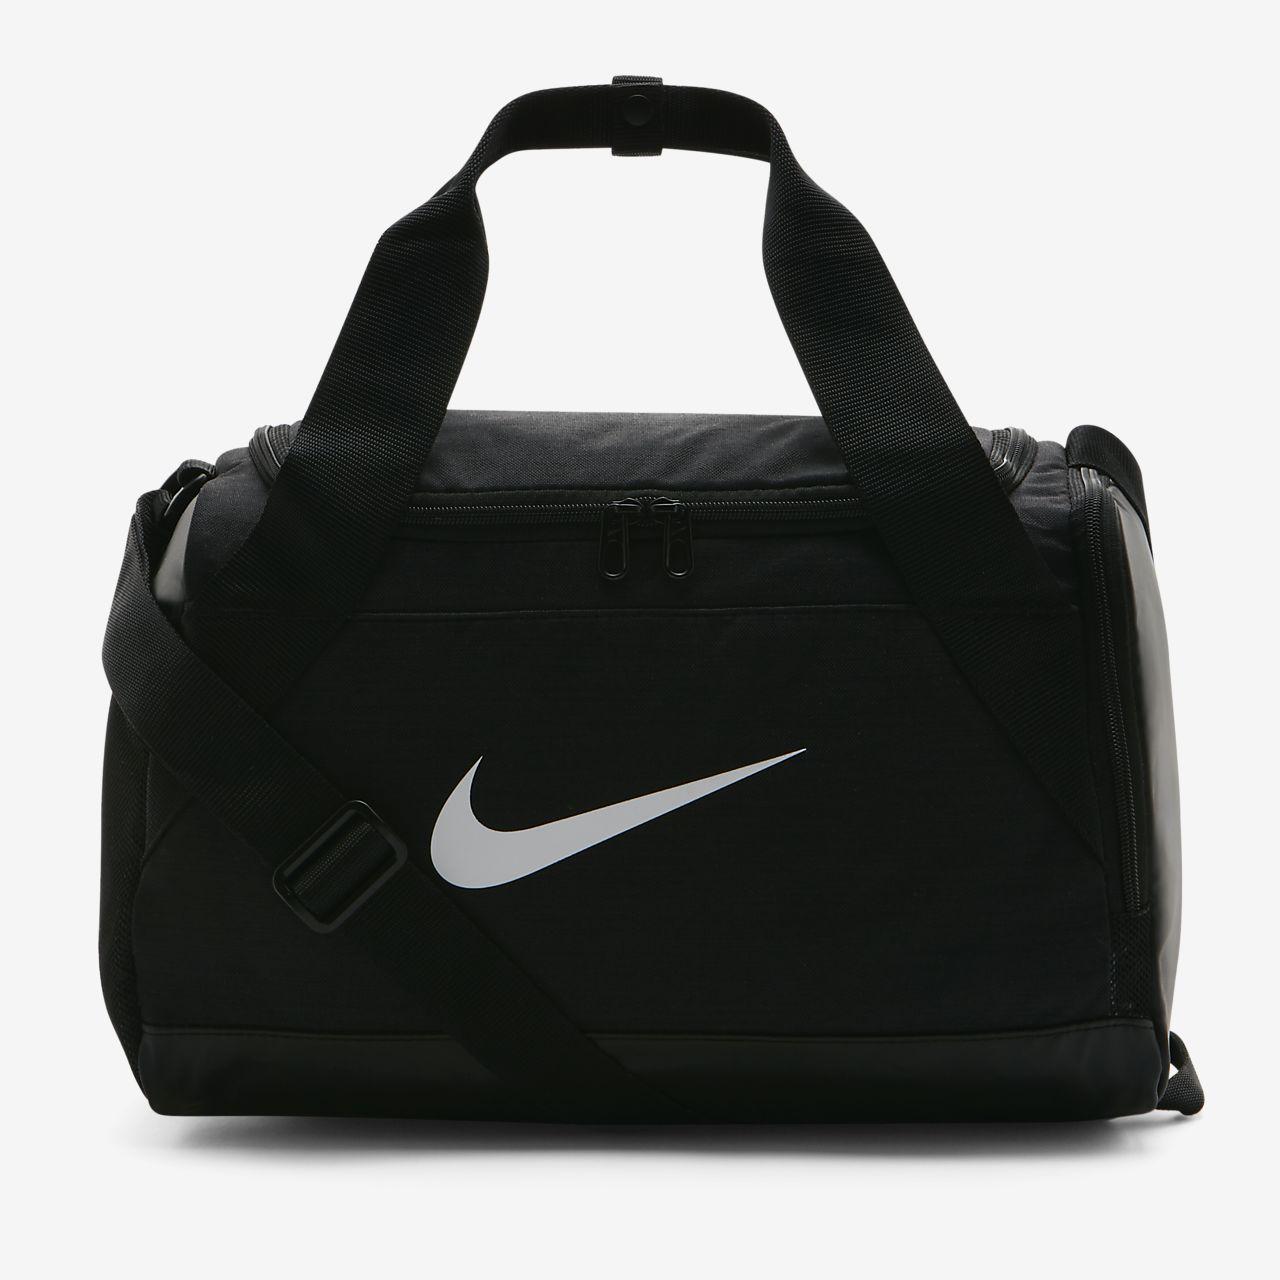 d4968736d5604 Torba treningowa Nike Brasilia (bardzo mała). Nike.com PL